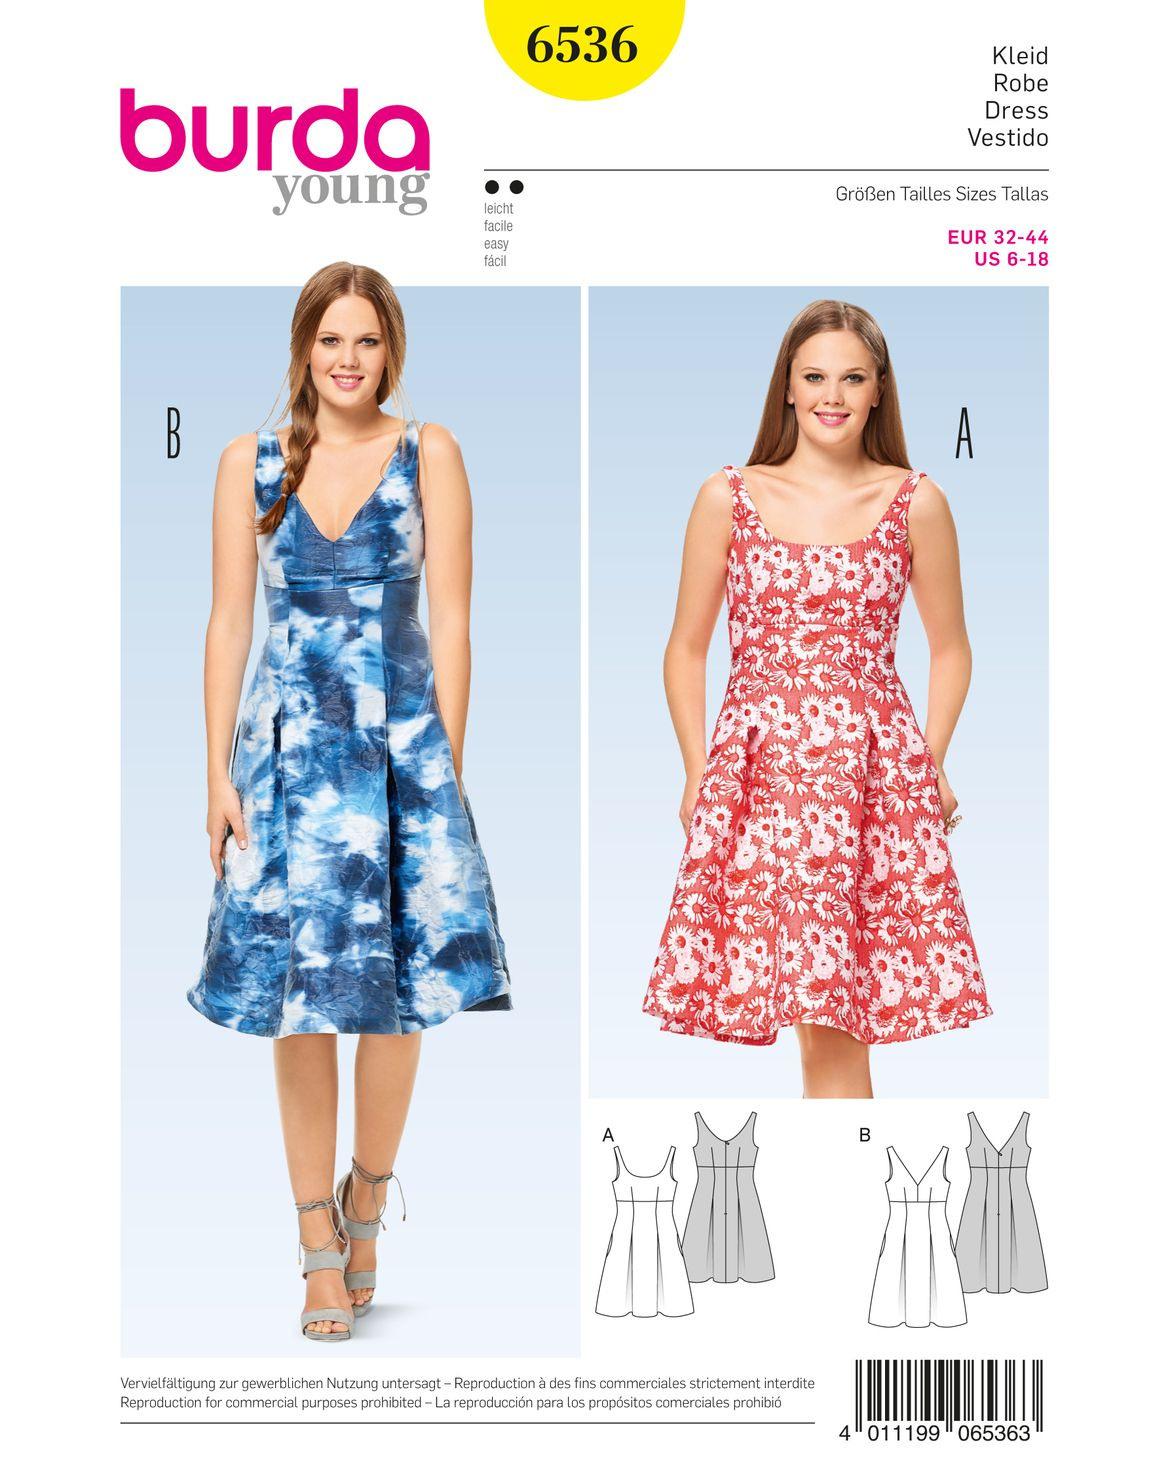 Formal Luxurius Kleid Kniebedeckt SpezialgebietAbend Coolste Kleid Kniebedeckt Design